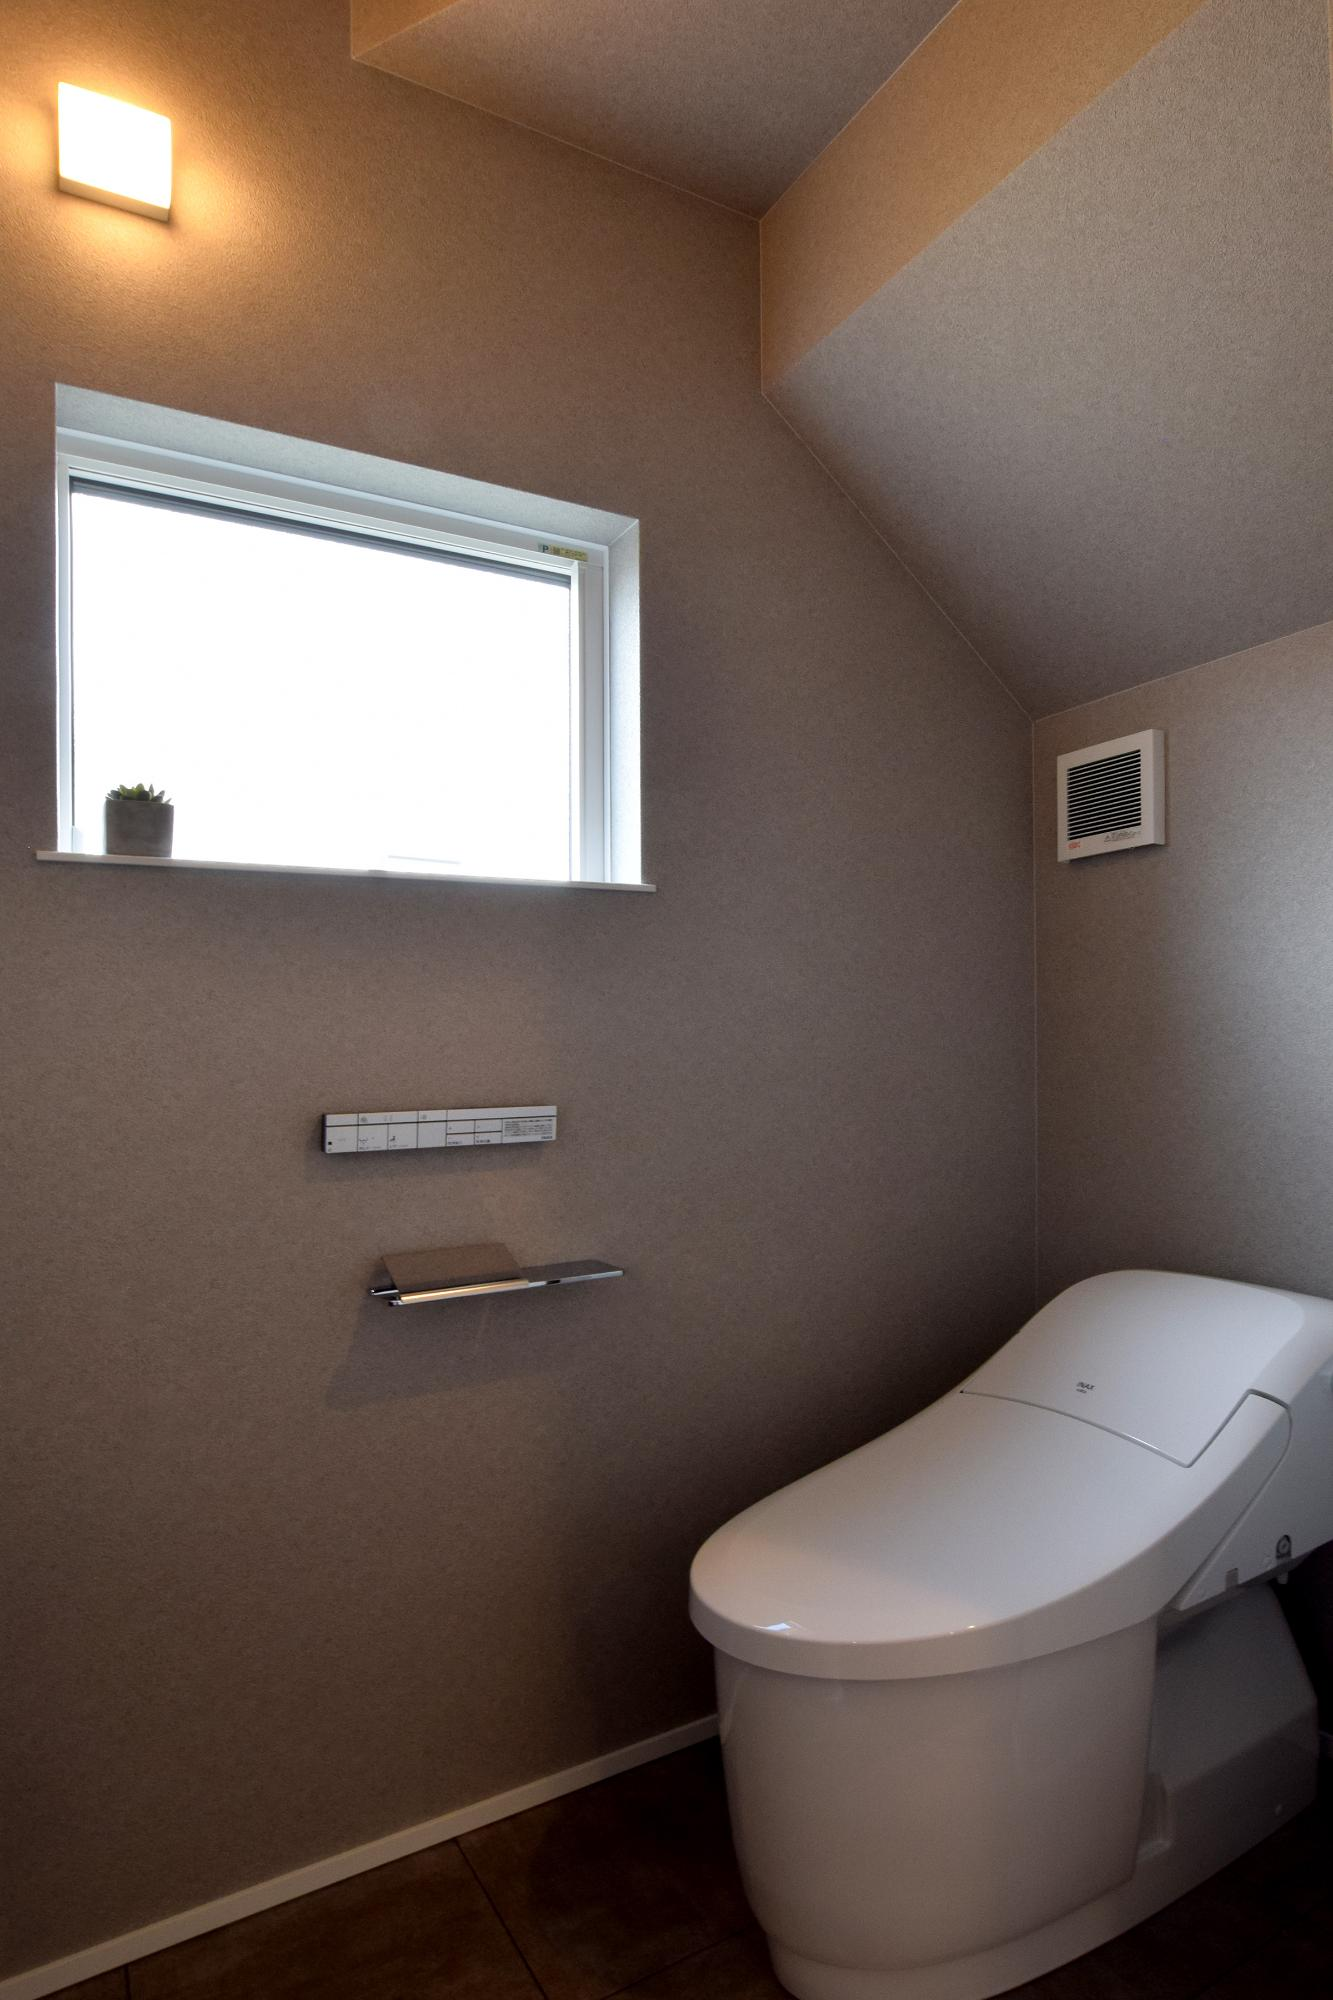 DETAIL HOME(ディテールホーム)「充実収納のスタイリッシュハウス」のモダン・和風・和モダンなトイレの実例写真